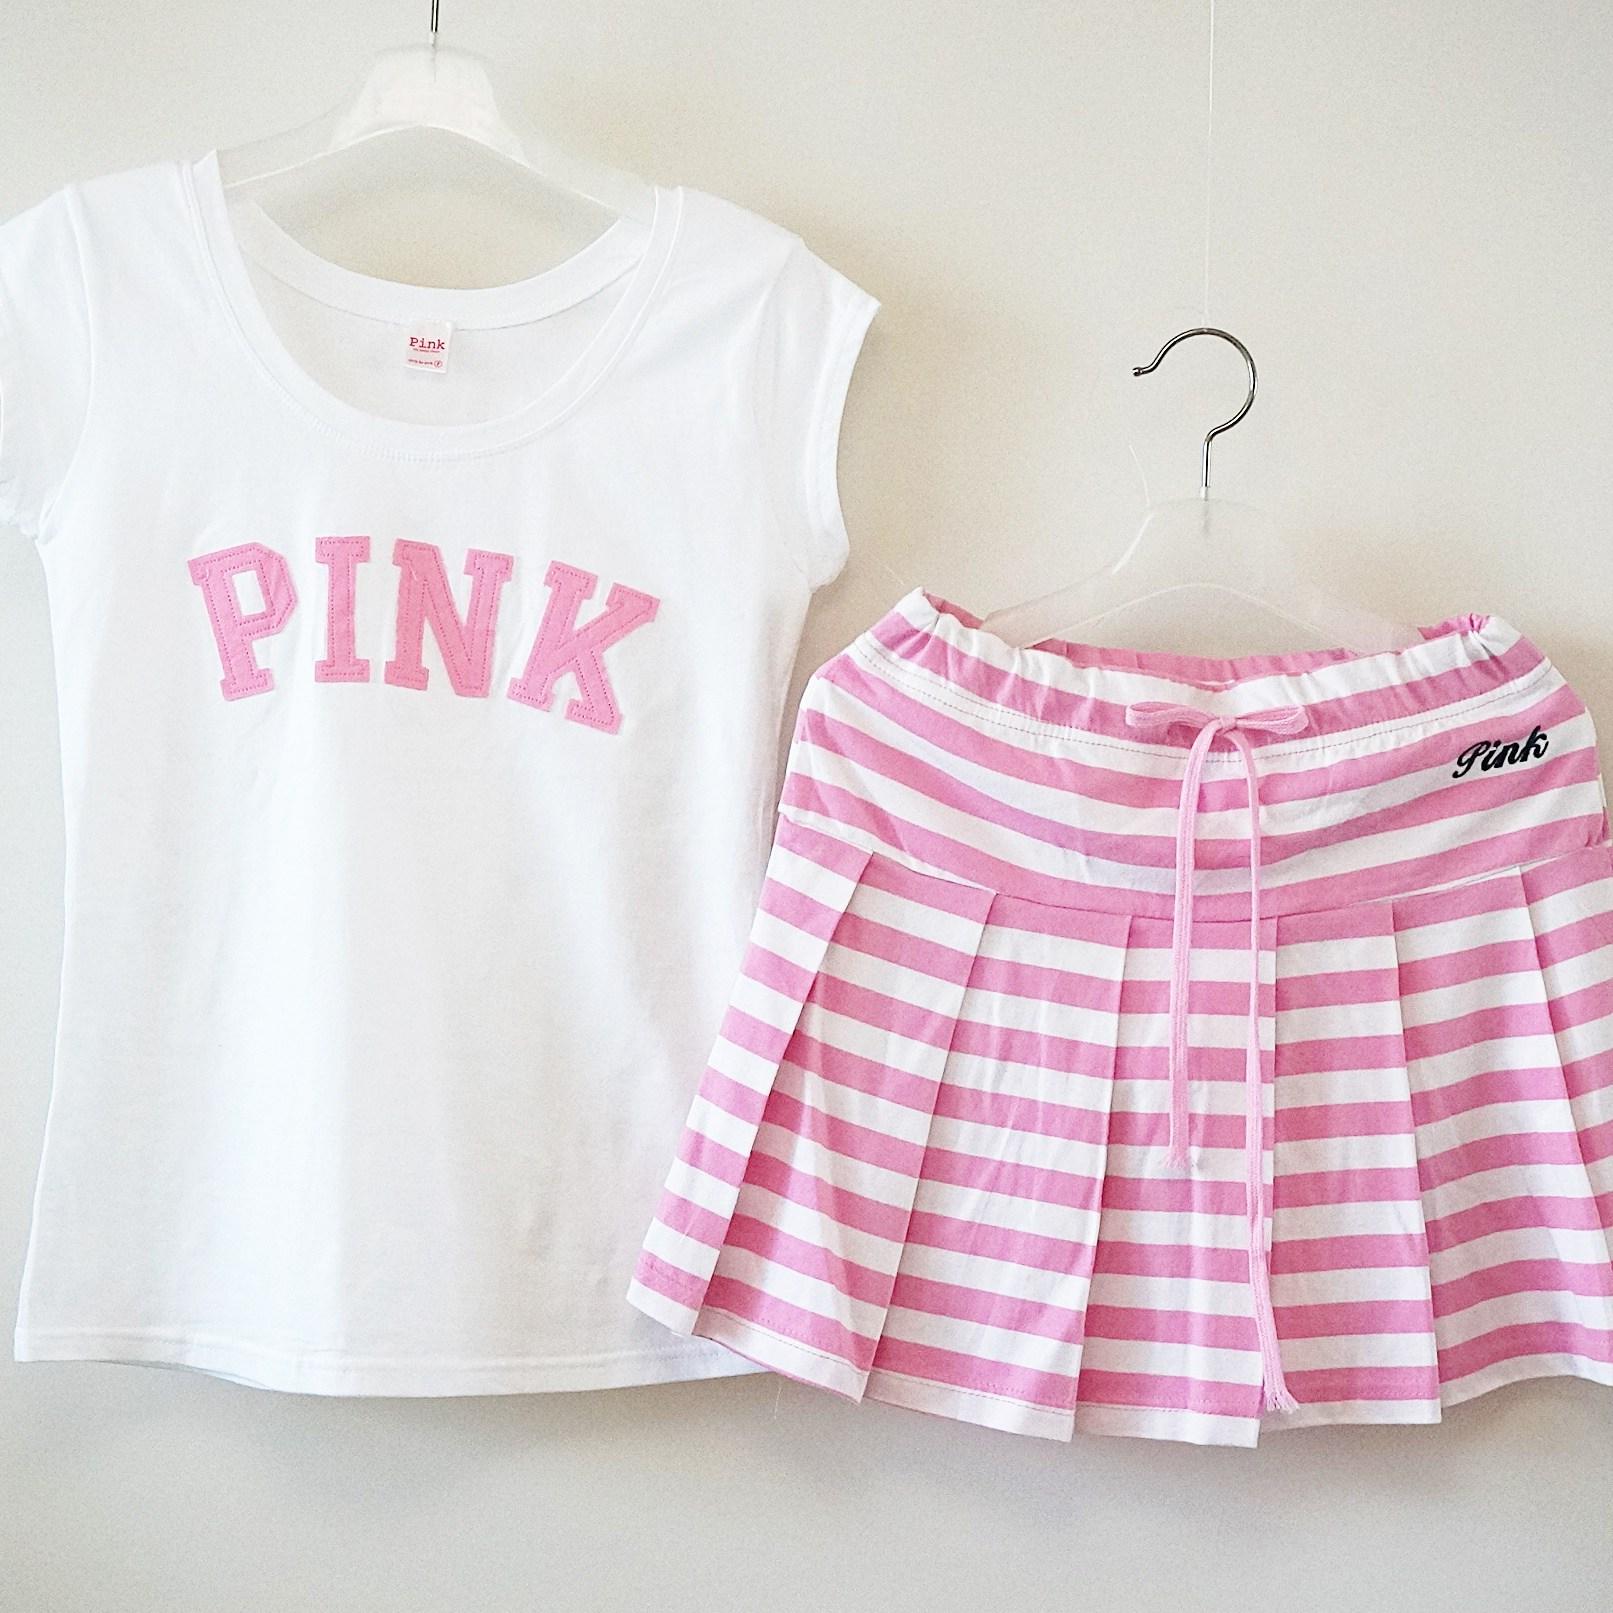 엠아이뷰티 Pink 스판티 단가라 줄무늬 주름 스커트 치마 바지 트레이닝 세트